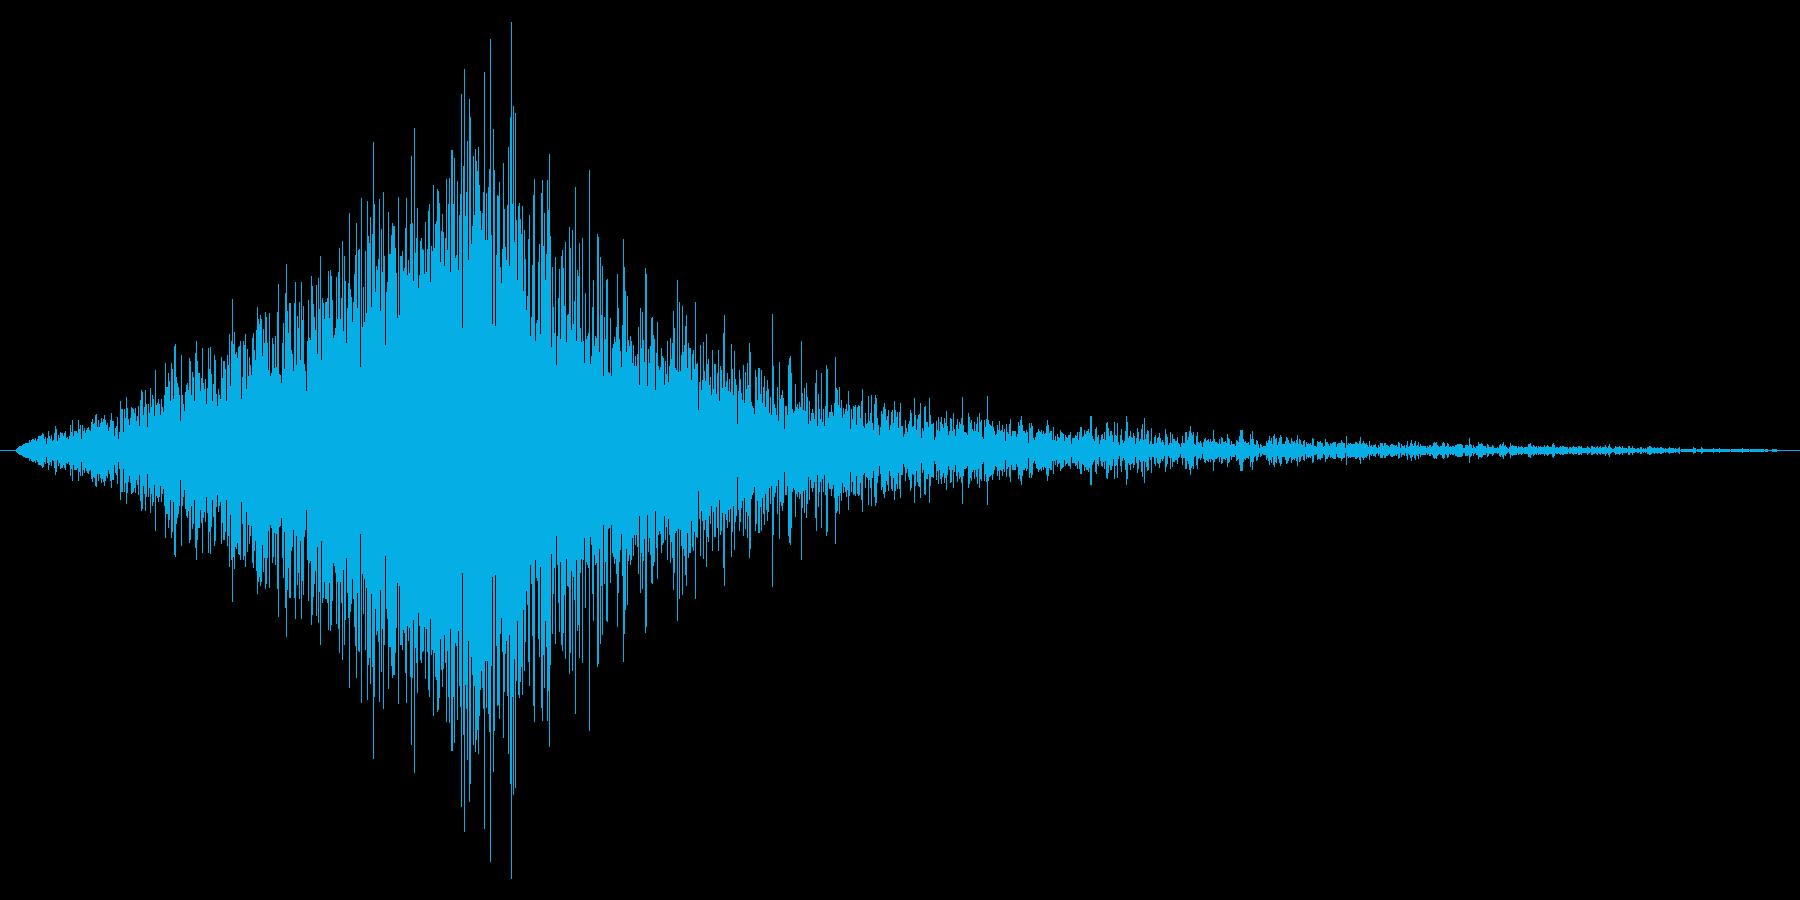 フォアォォ。ジャンプ・舞い降りる音の再生済みの波形